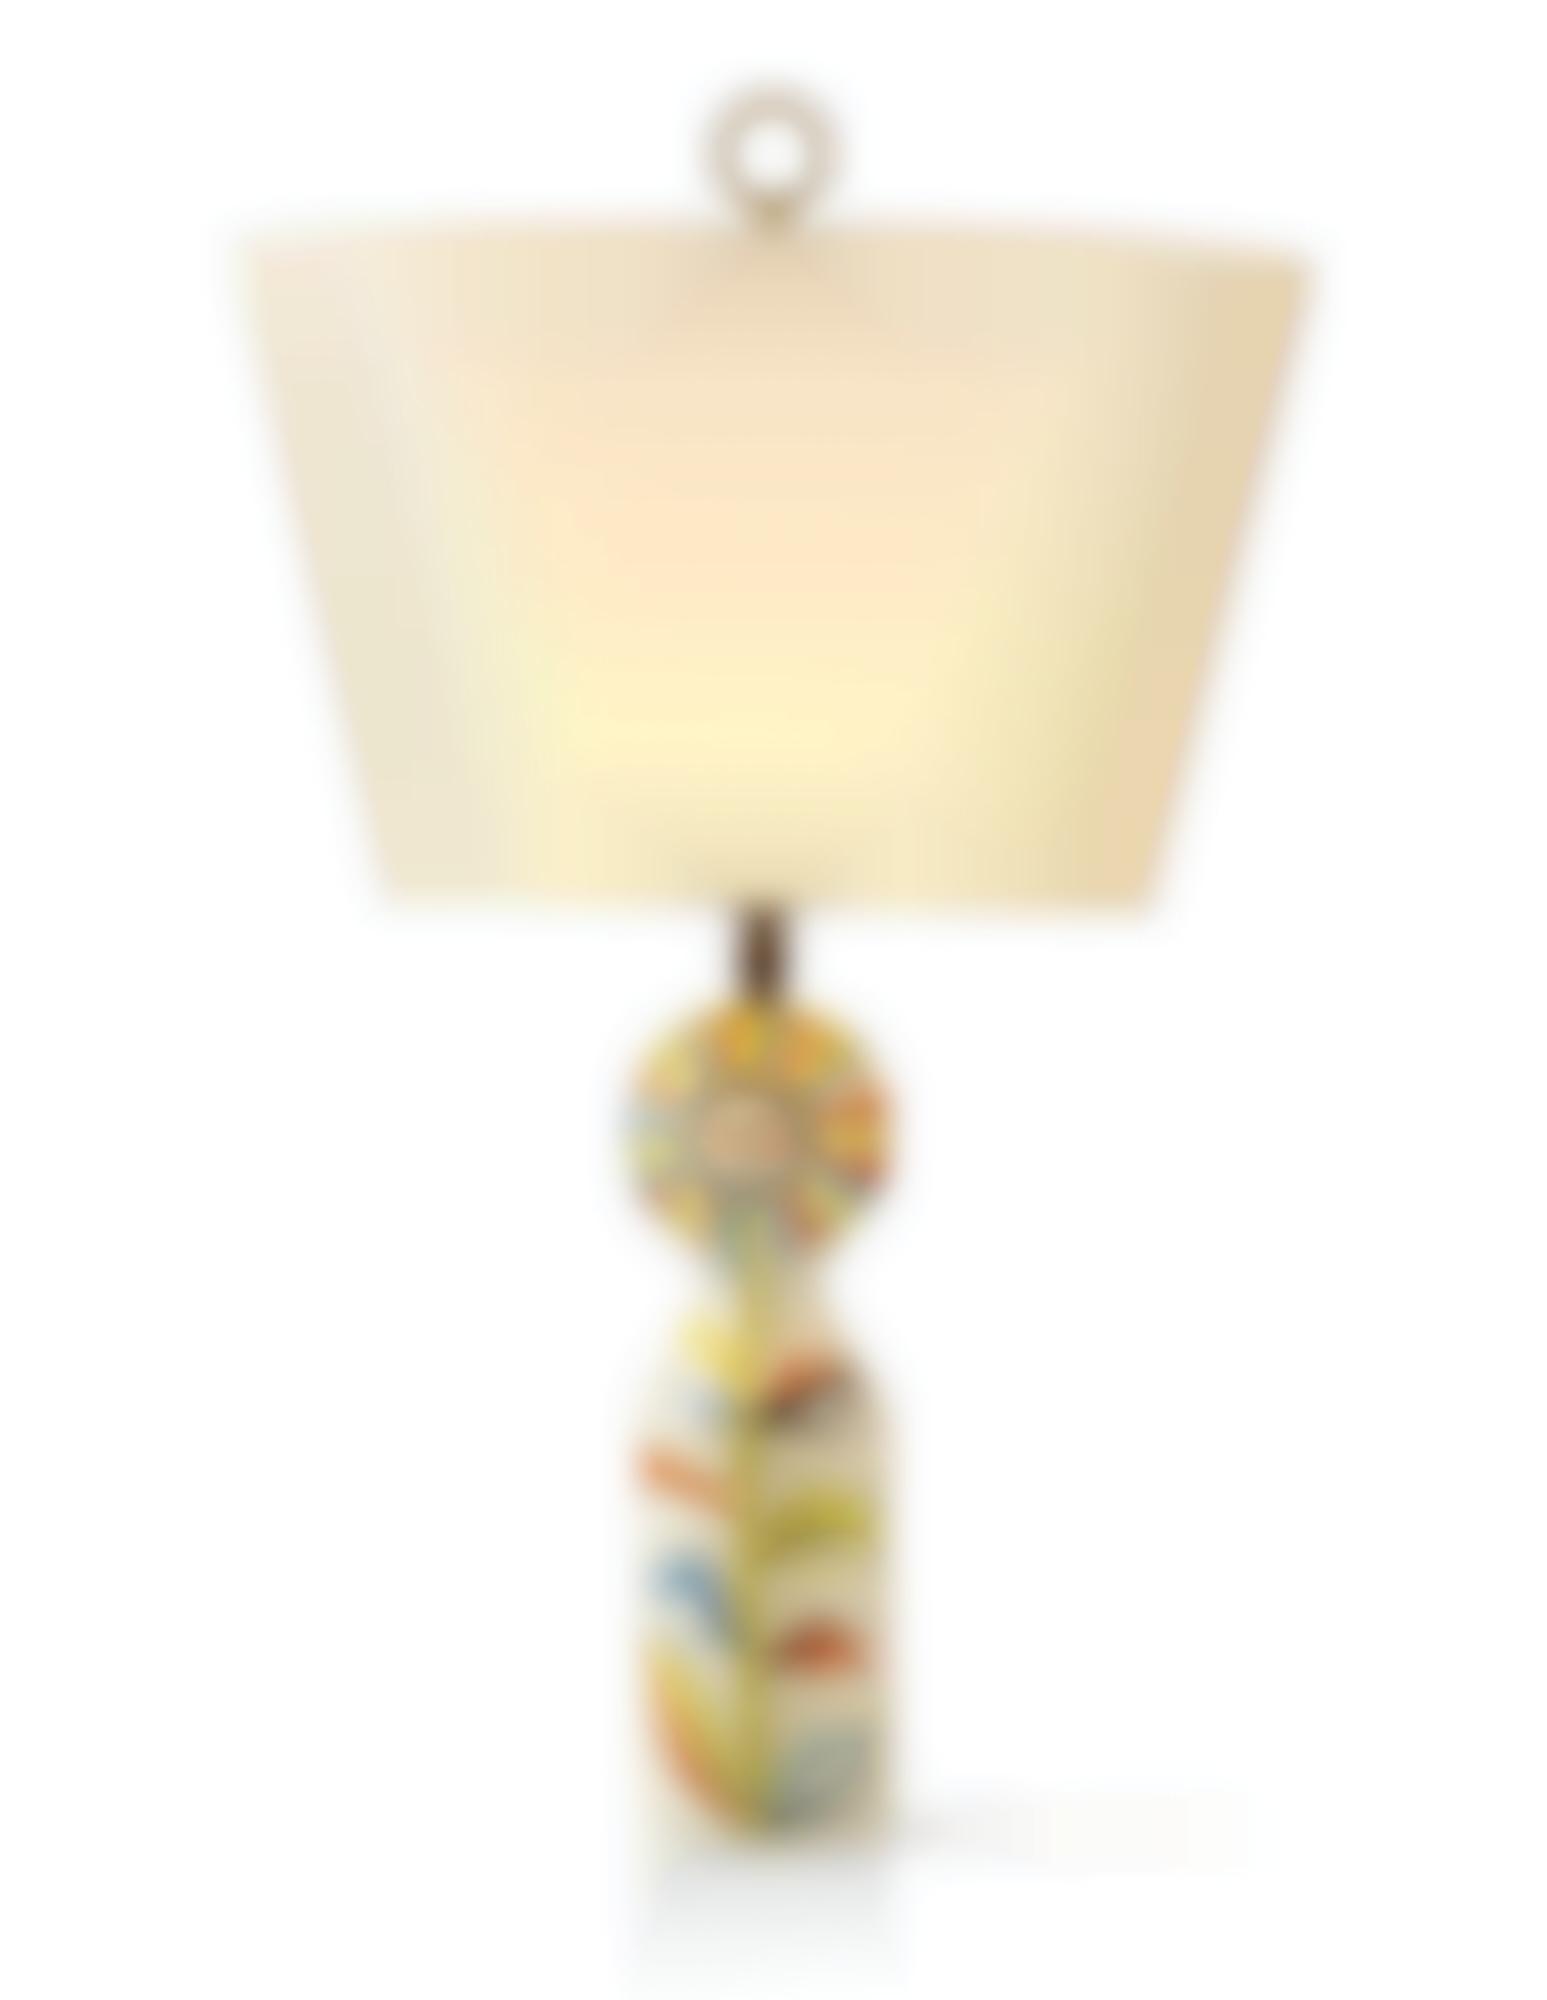 Roger Capron - Lampe De Table, 1958-1958